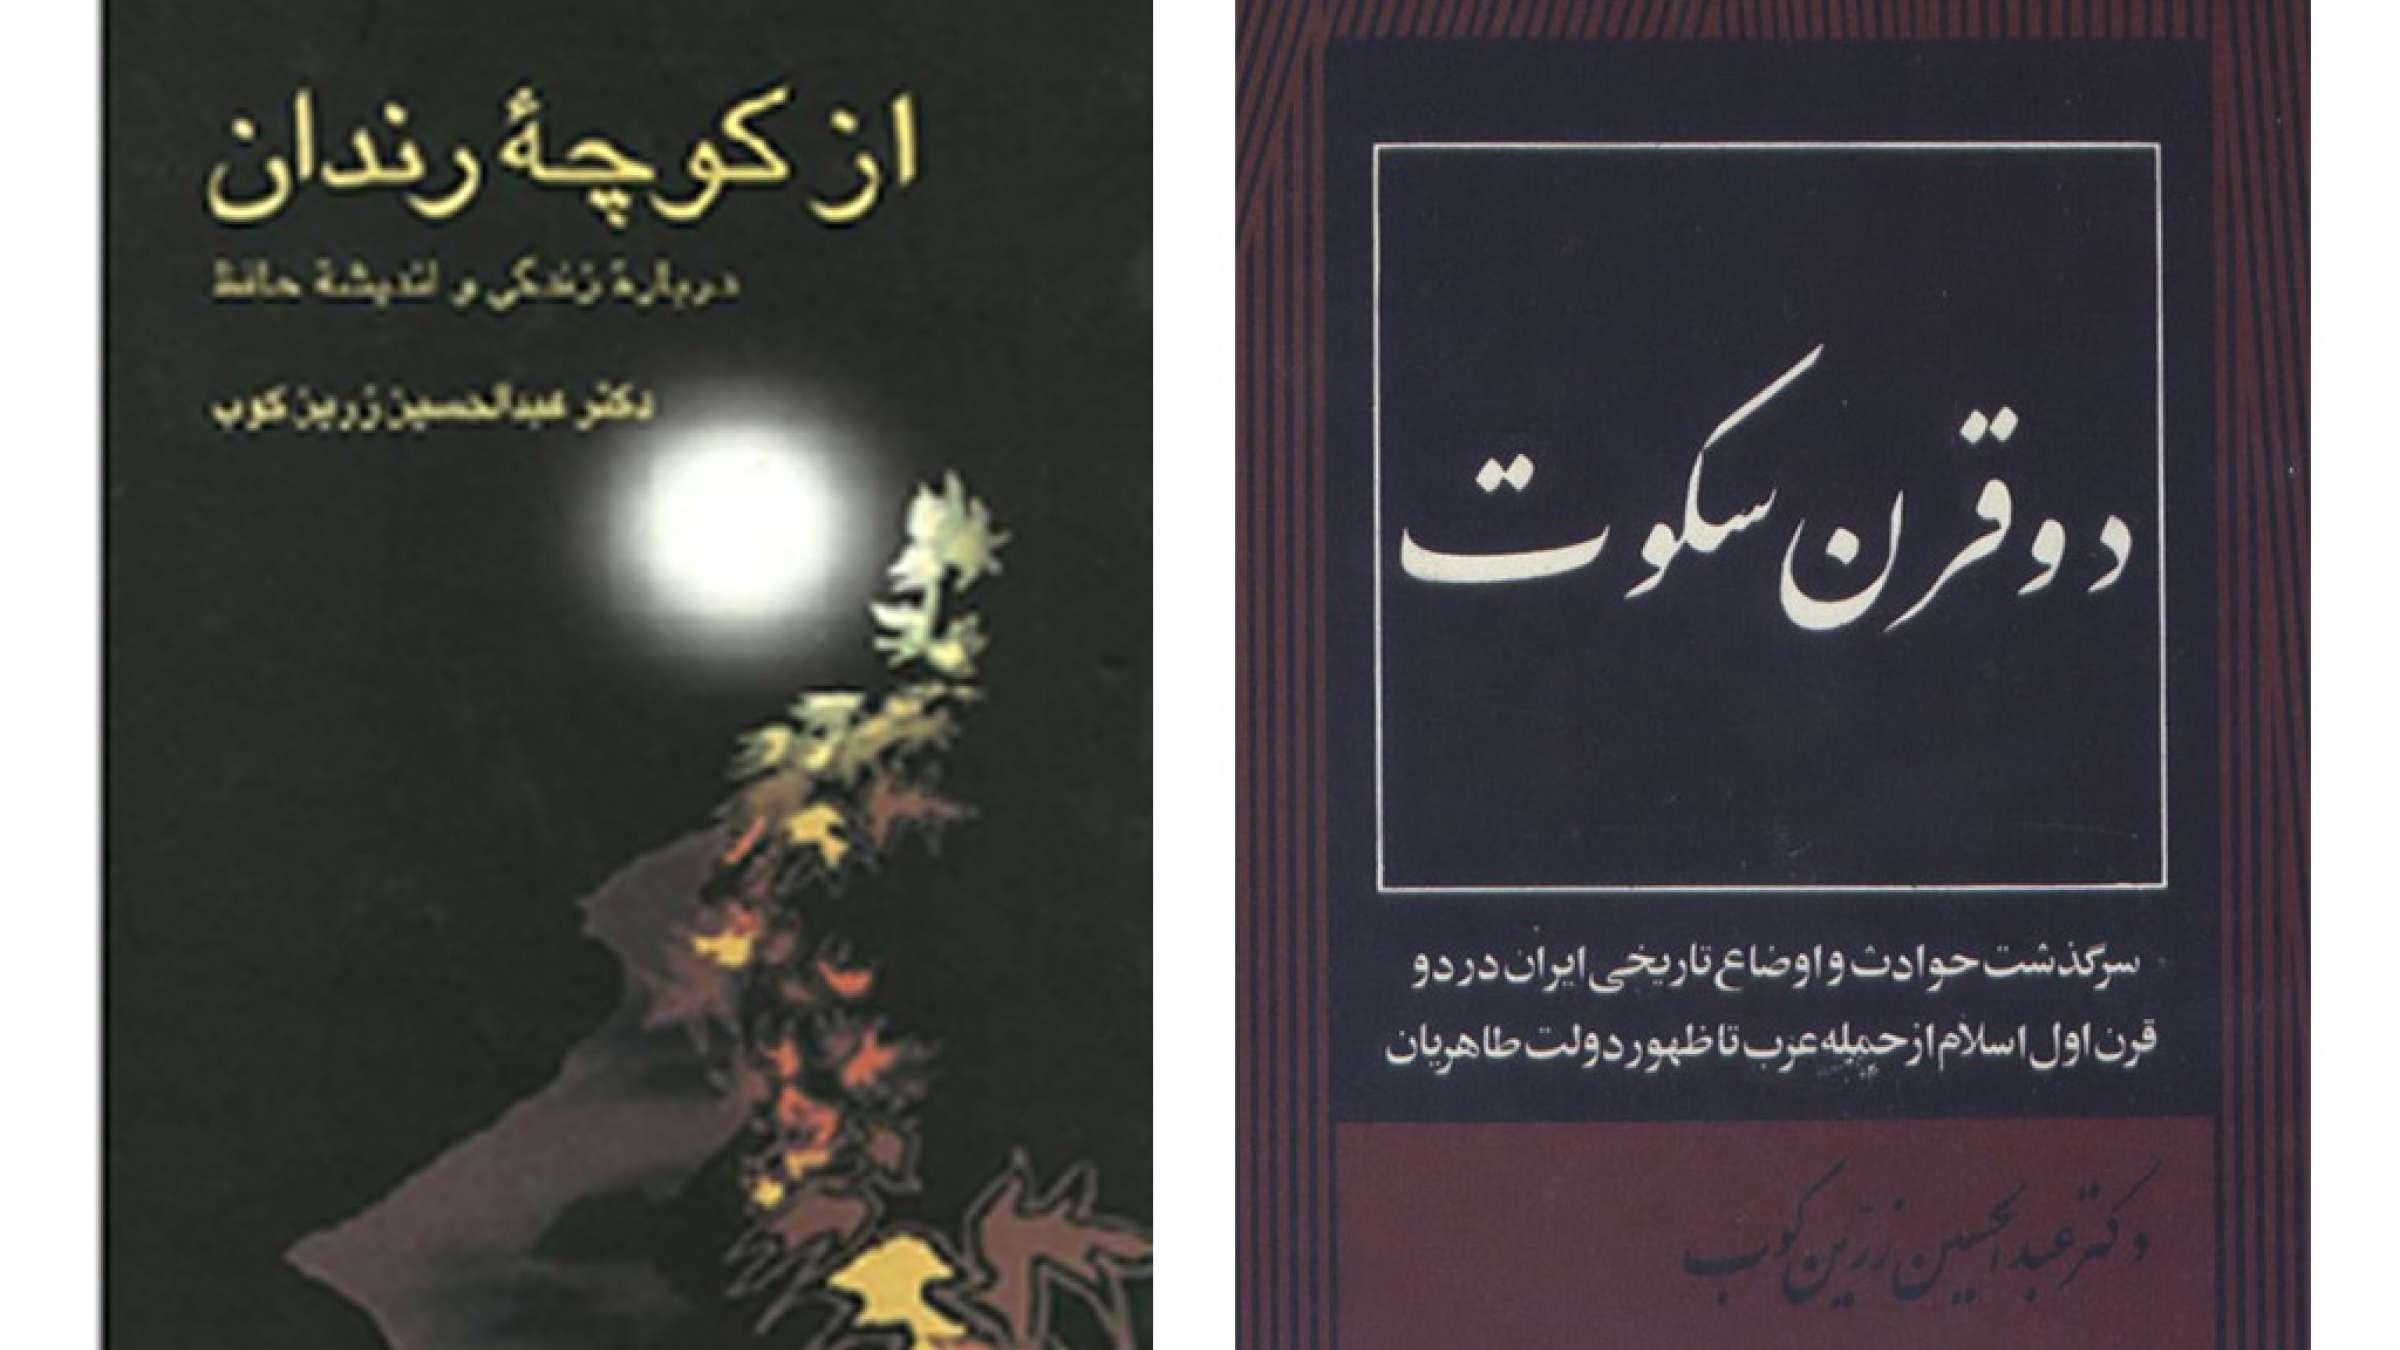 ادبیات-گلمحمدی-دکتر-عبدالحسین-زرینکوب-بیهقی-روزگار-ما-کتاب